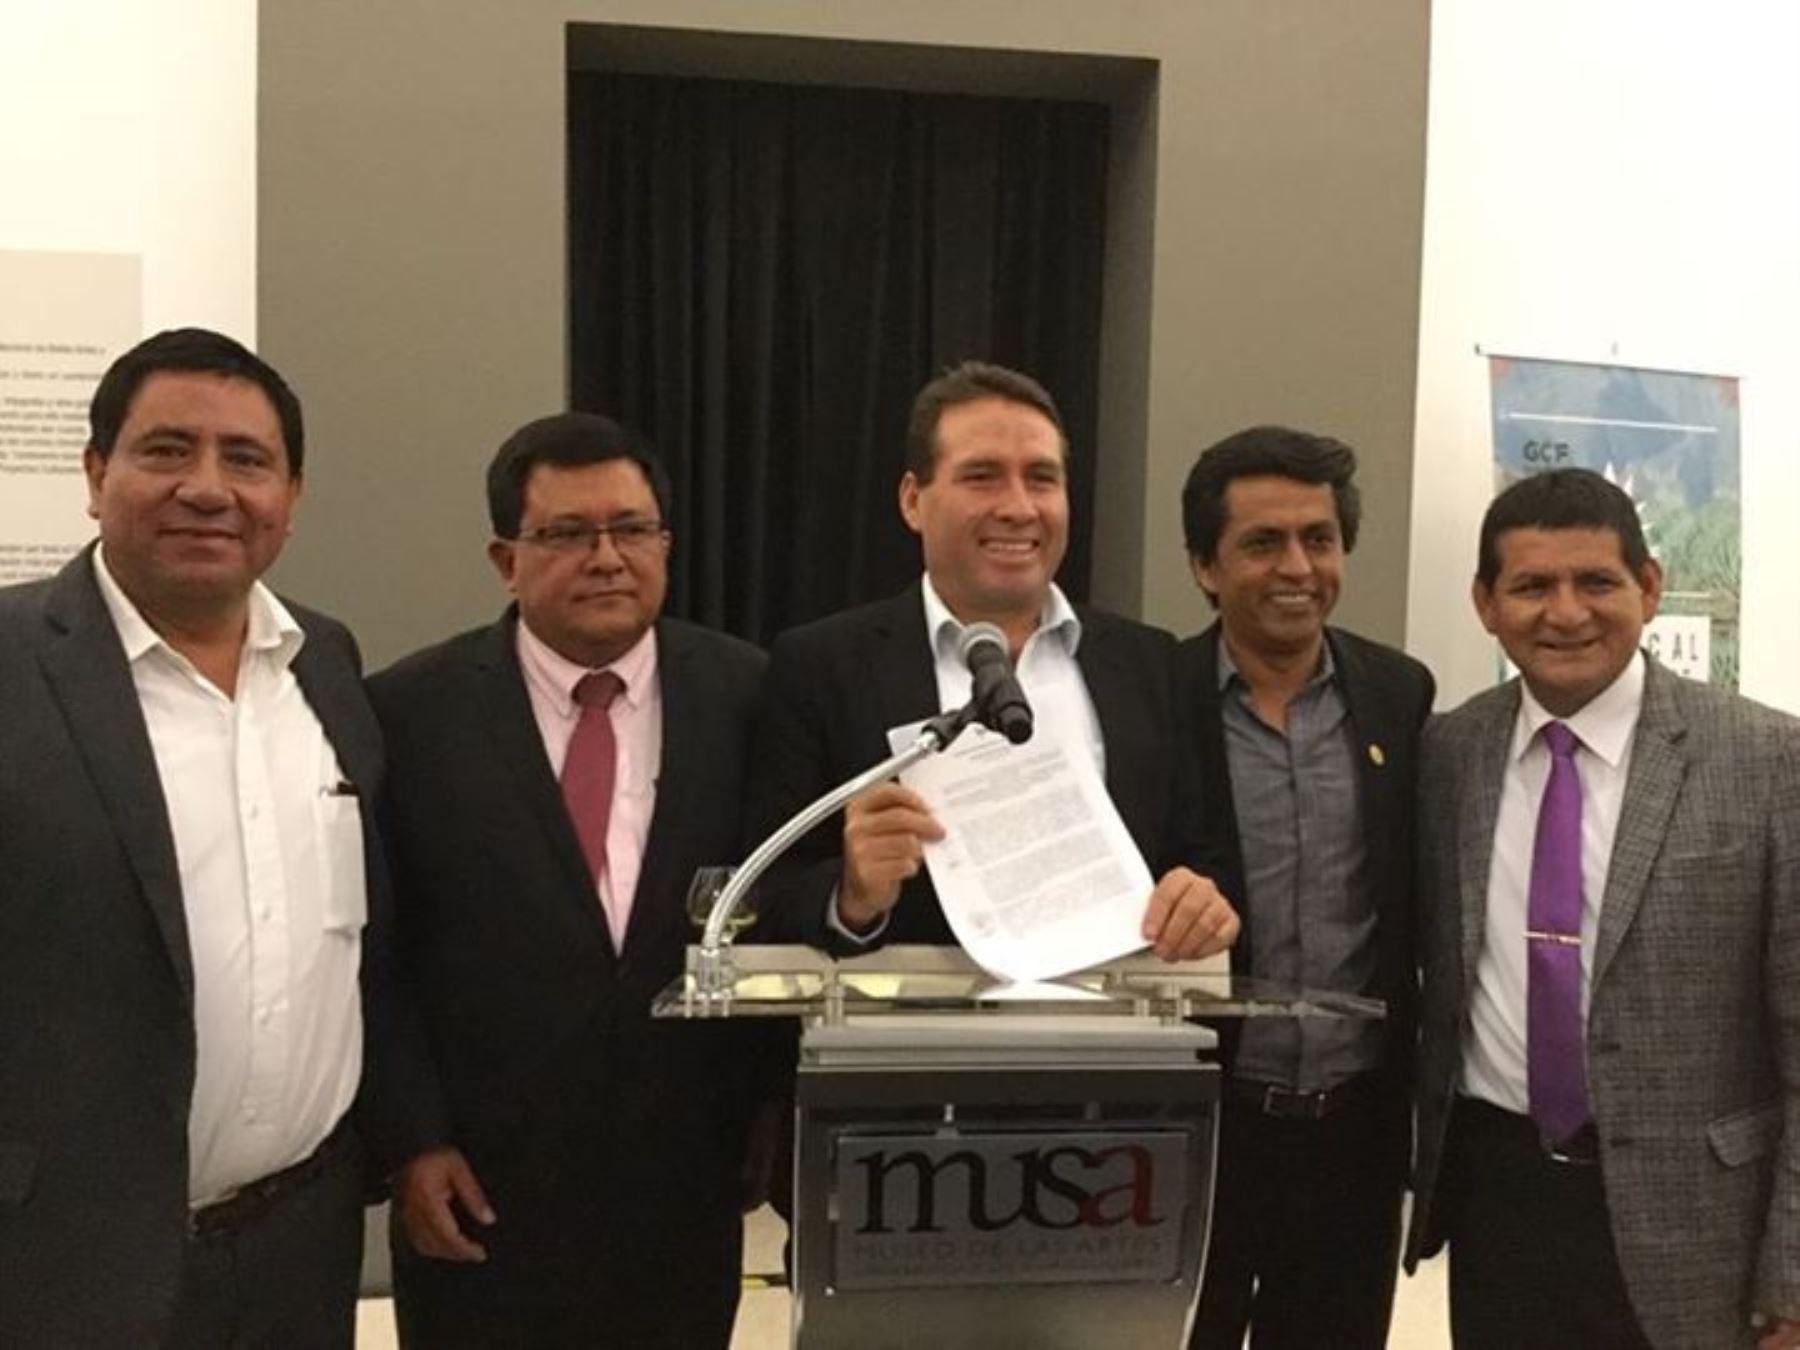 Gobernadores regionales amazónicos firmaron Declaración de Guadalajara y se comprometen a reducir deforestación.